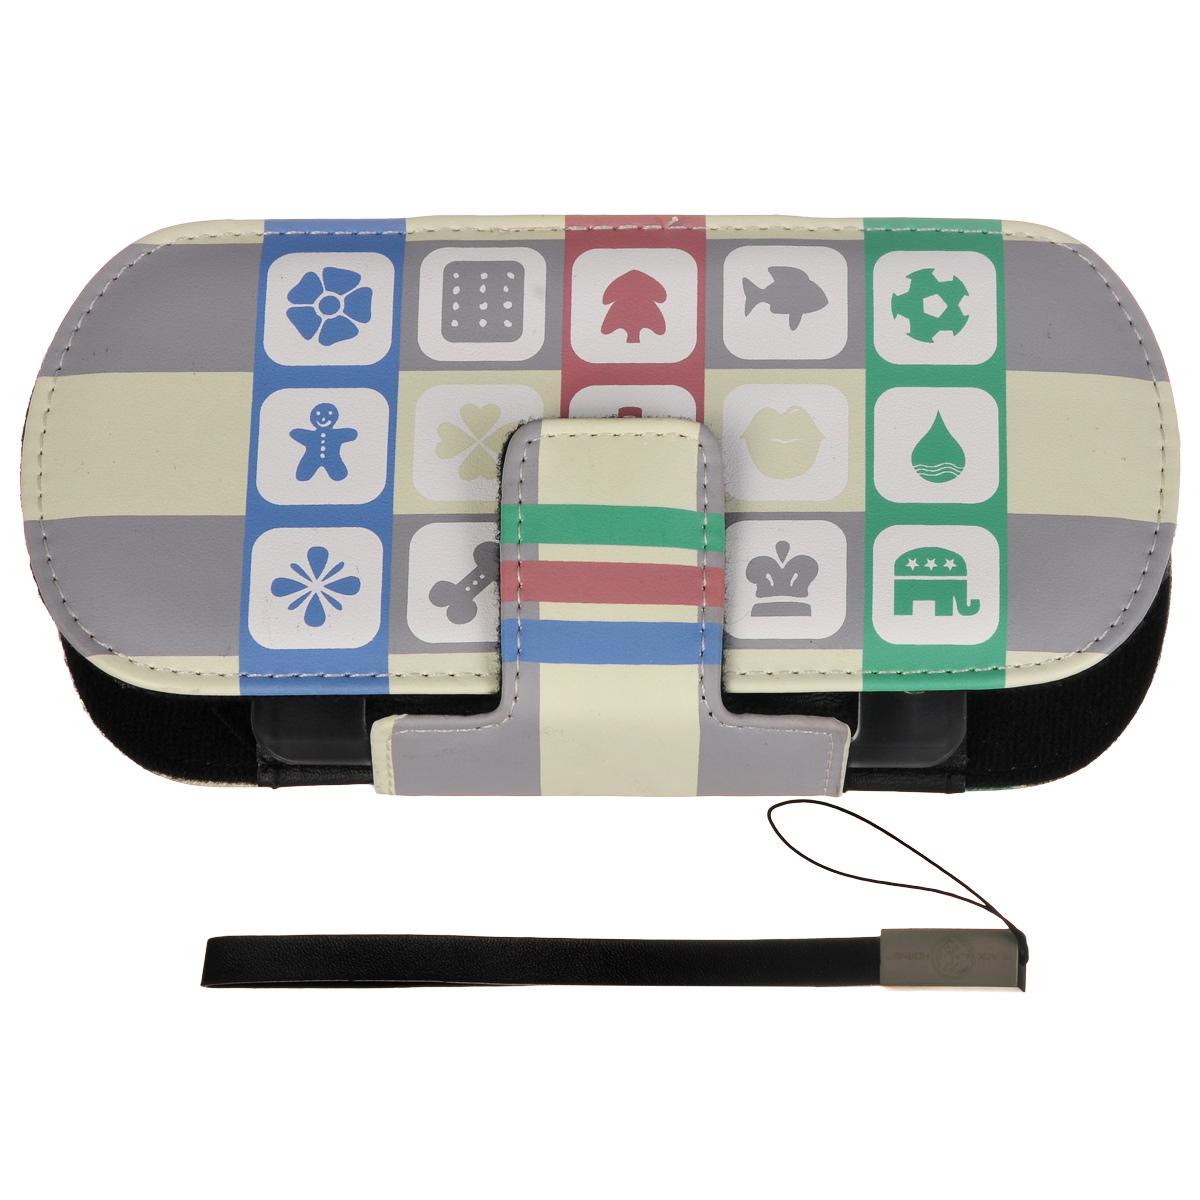 Защитный чехол Free-Style Black Horns для Sony PSP 2000/3000 (N08 пикторгаммы, серый)BH-PSP02208(R)Защитный чехол Free-Style Black Horns для Sony PSP 2000/3000 обеспечит сохранность вашей игровой приставки. Оригинальный графический дизайн Free-Style - совершенное сочетание инноваций и традиционного подхода, эффектно подчеркнет вашу индивидуальность. Внутренняя поверхность чехла для PSP выполнена из мягкого текстиля, не царапающего лицевую панель PSP. Специально разработанная для PSP 2000/3000 система внутренних креплений защитит Вашу консоль от потертостей, повреждений и падений. Система внутренних креплений позволяет открыть/закрыть UMD-привод не вынимая приставку из чехла. Специальные крепления внутри чехла надежно фиксируют PSP, обеспечивая свободный доступ ко всем кнопкам управления, USB-порту, Wi-Fi и UMD-приводу. Чехол можно использовать в качестве подставки при просмотре фильмов, картинок или при прослушивании музыки. На задней части чехла расположены два кармашка под карточки памяти. Чехол оснащен удобной и надежной магнитной застежкой, а также стильным и практичным ремешком на руку, выполненным из высококачественных материалов.